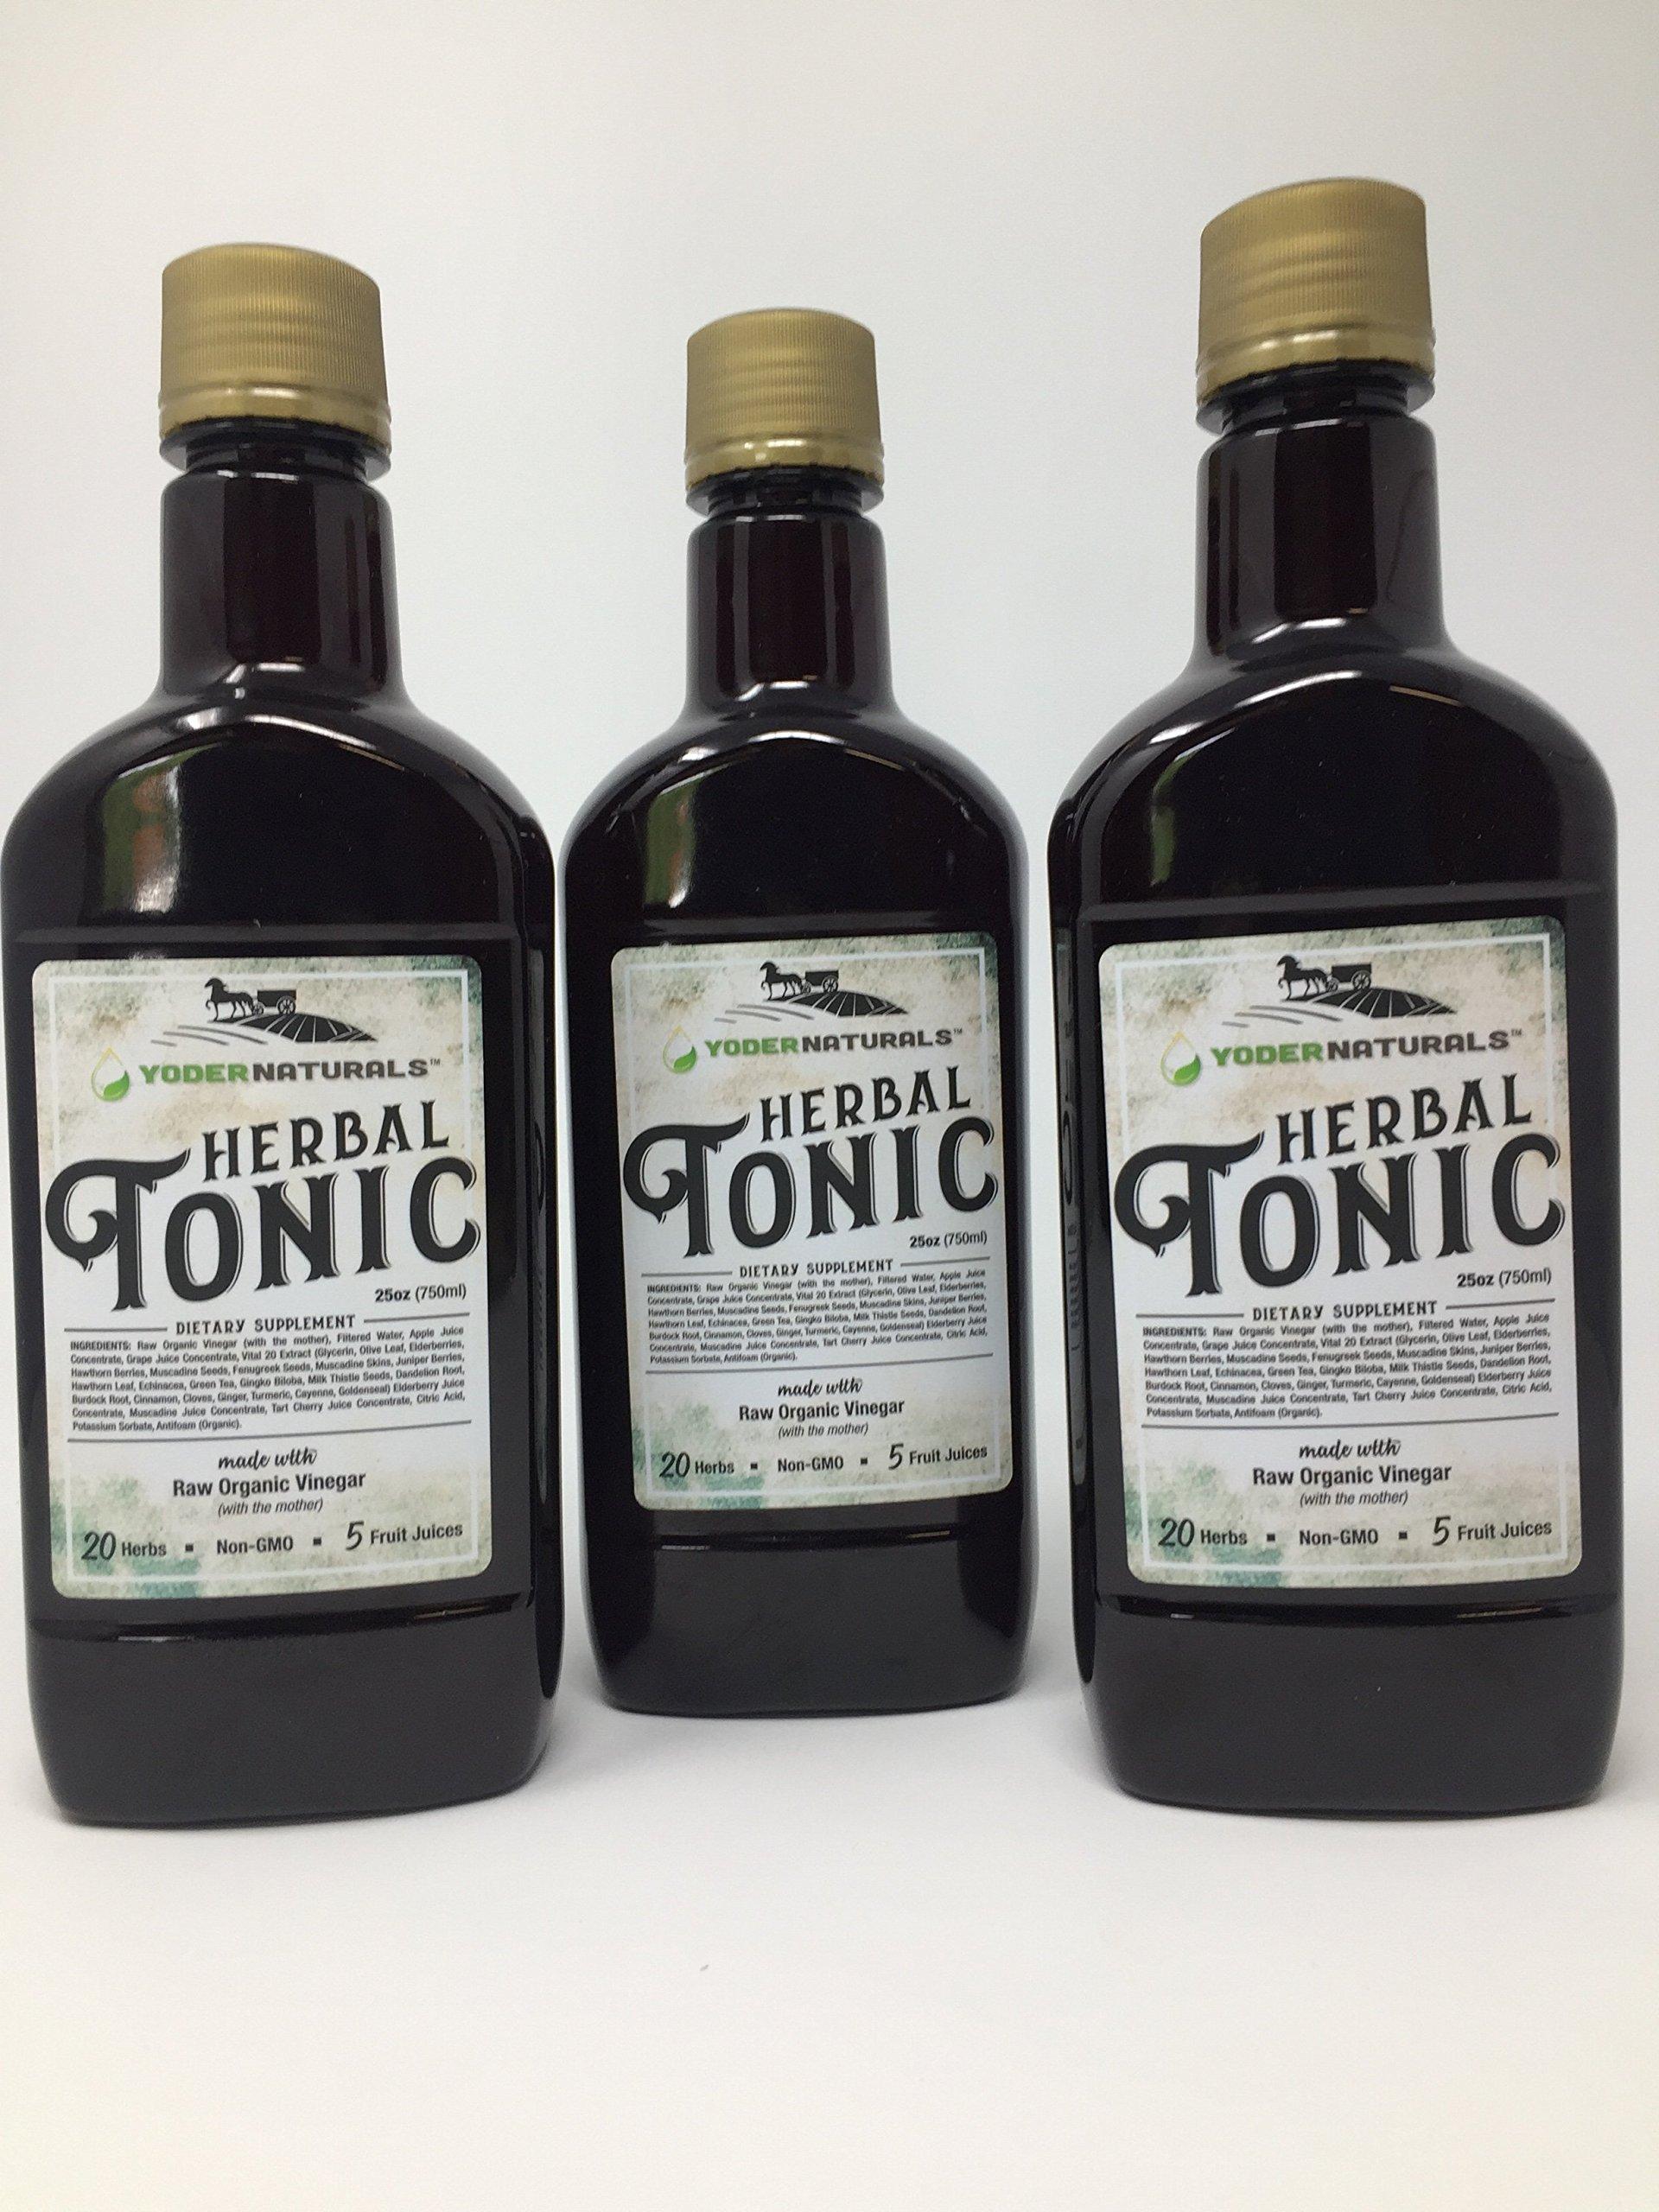 Yoder Naturals Herbal Tonic Herb Infused Apple Cider Vinegar Supplement 25 fl oz, 3 Bottle Deal 3 x 25 fl oz by Yoder Naturals